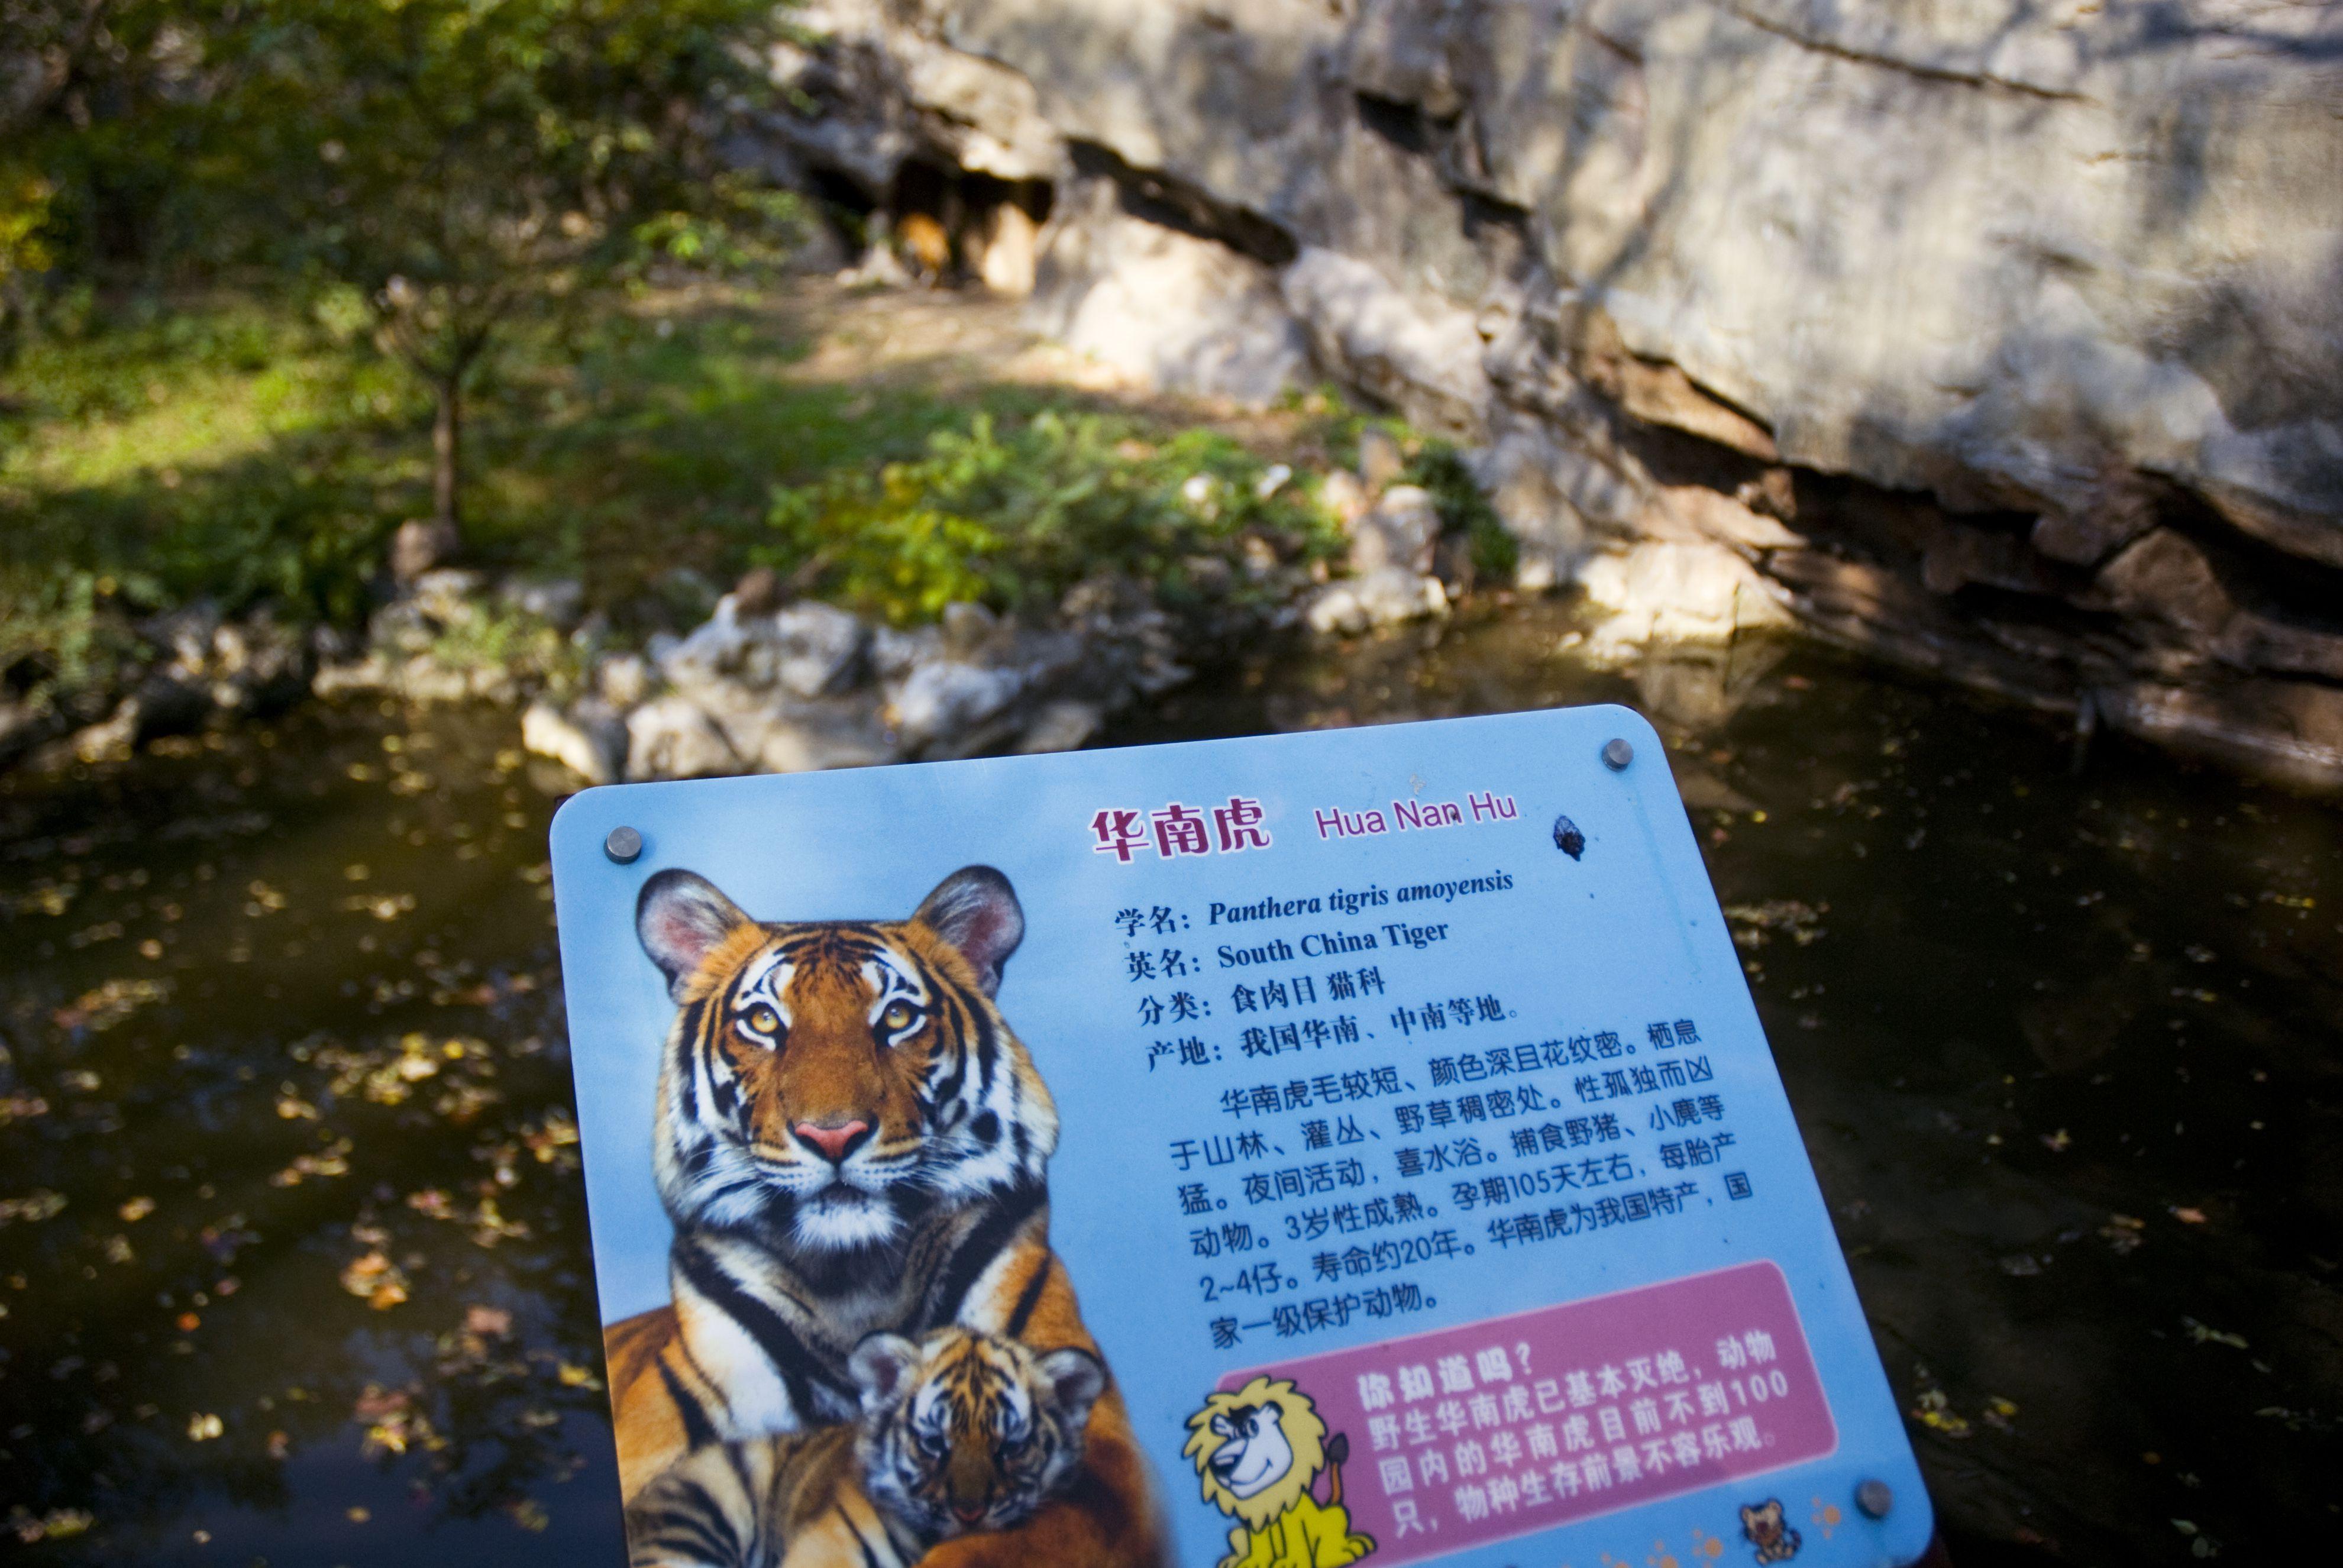 South China Tiger enclosure sign detail, Shanghai Zoo.